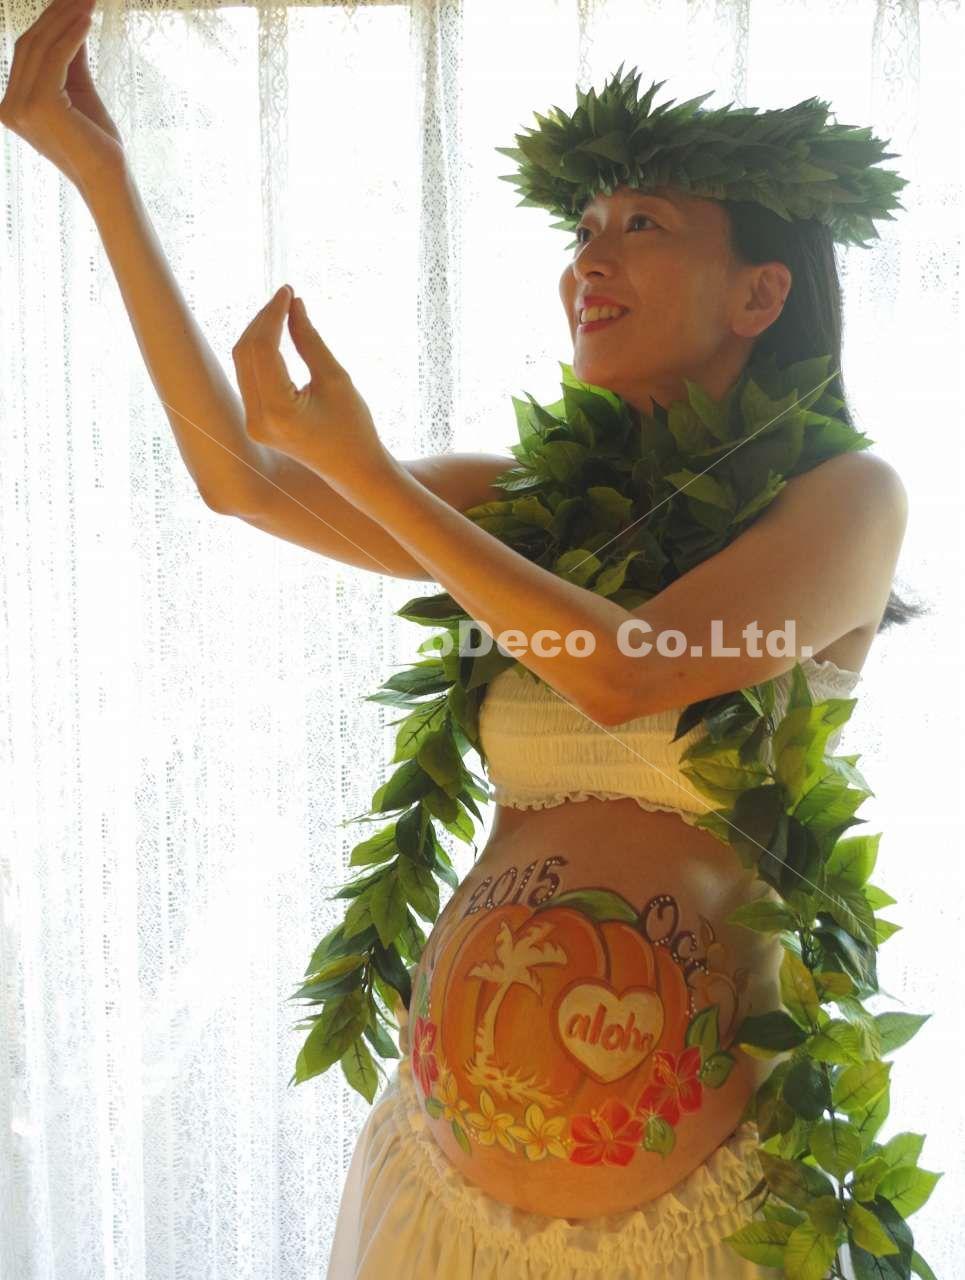 マタニティペイント「Hawaiian pumpkin(ハワイアン パンプキン)」